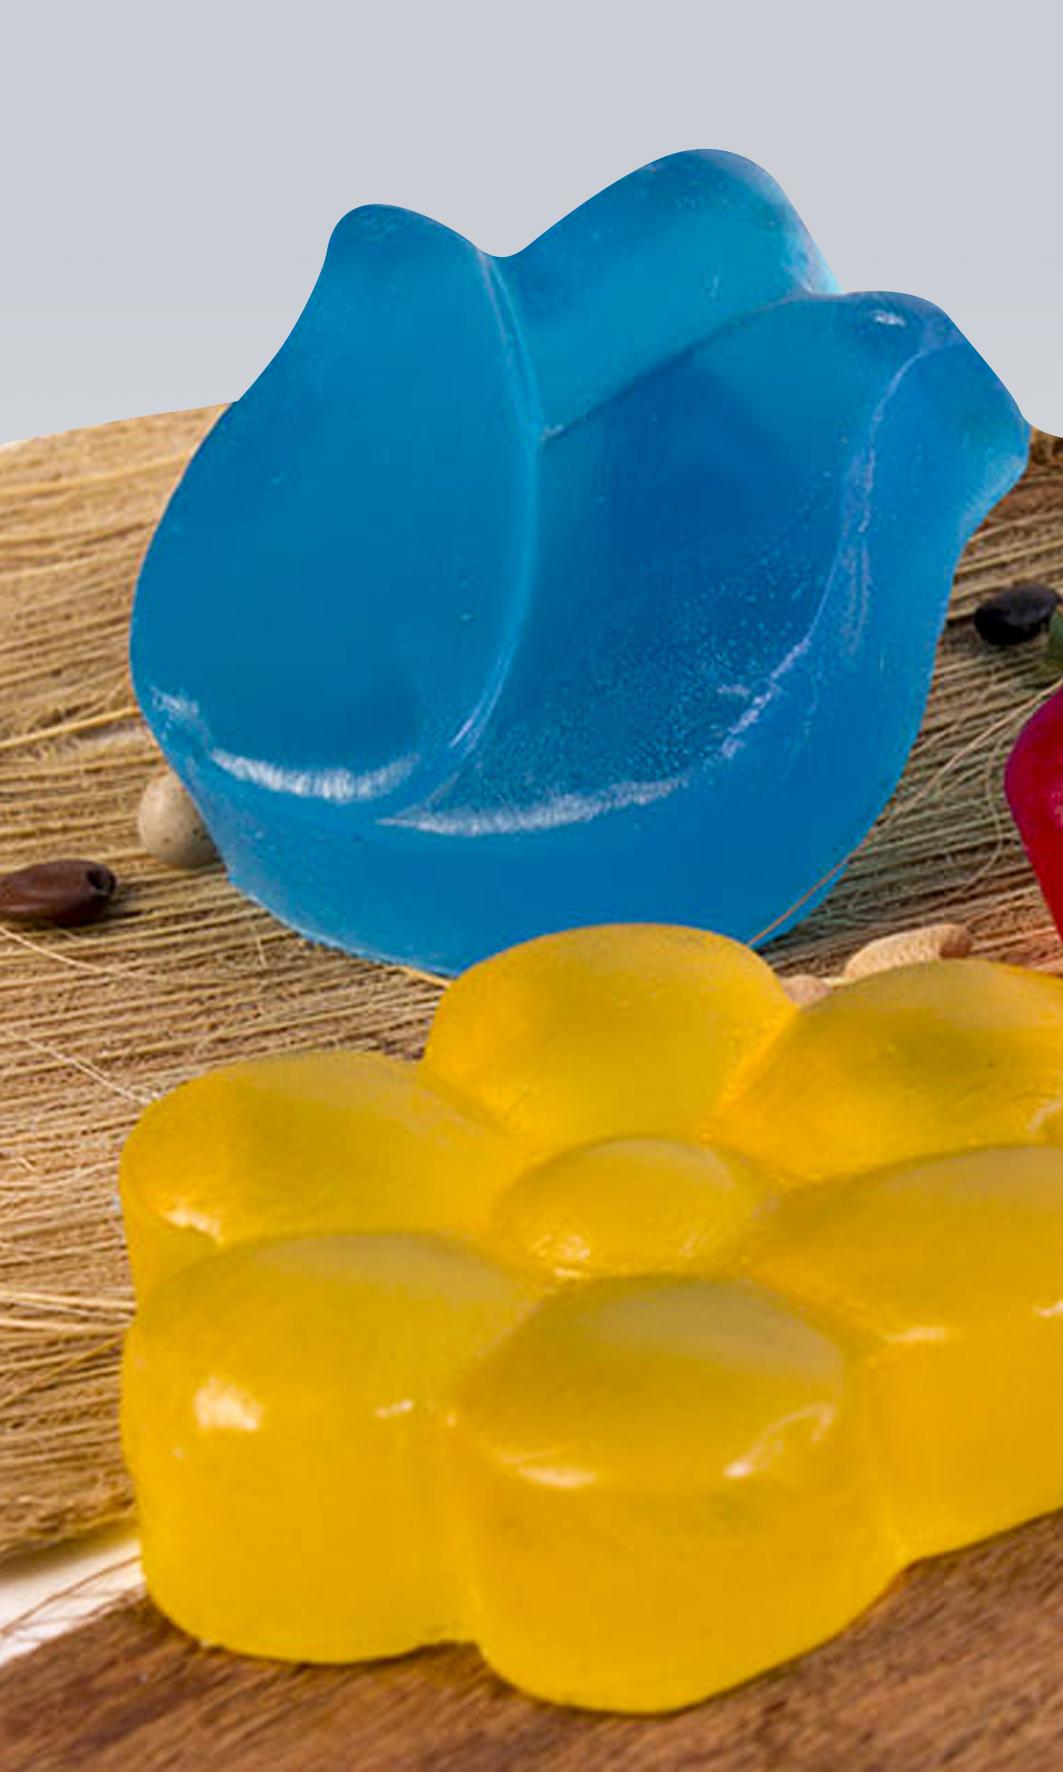 Nuestro Jabón de glicerina está especialmente formulado para pieles sensibles que requieren un tratamiento delicado. Humectante e hidratantes.